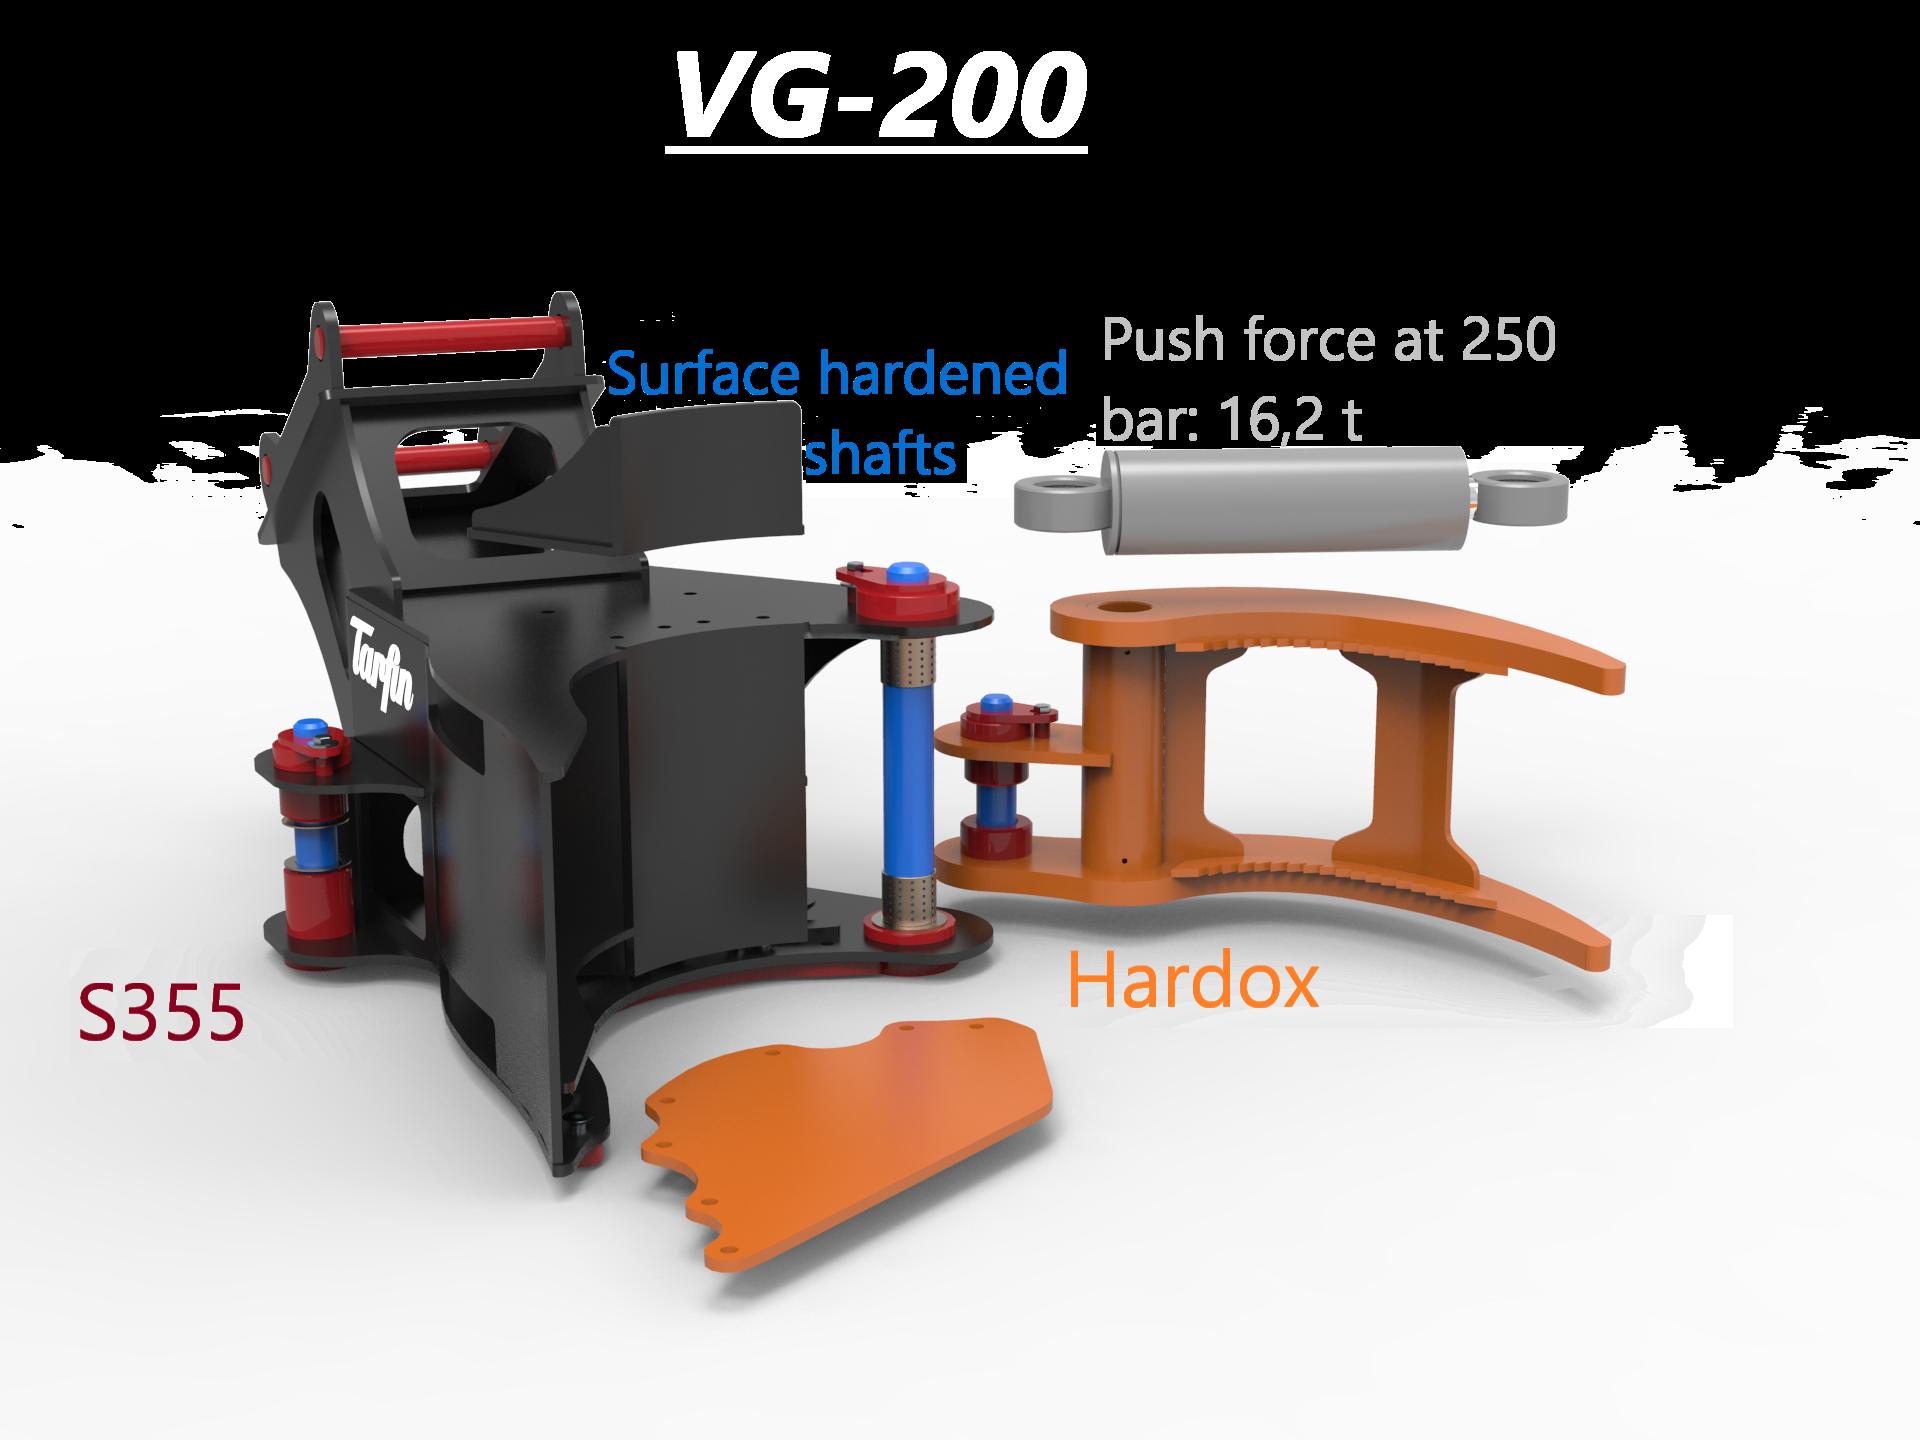 VG-200 materjal-inglise 2